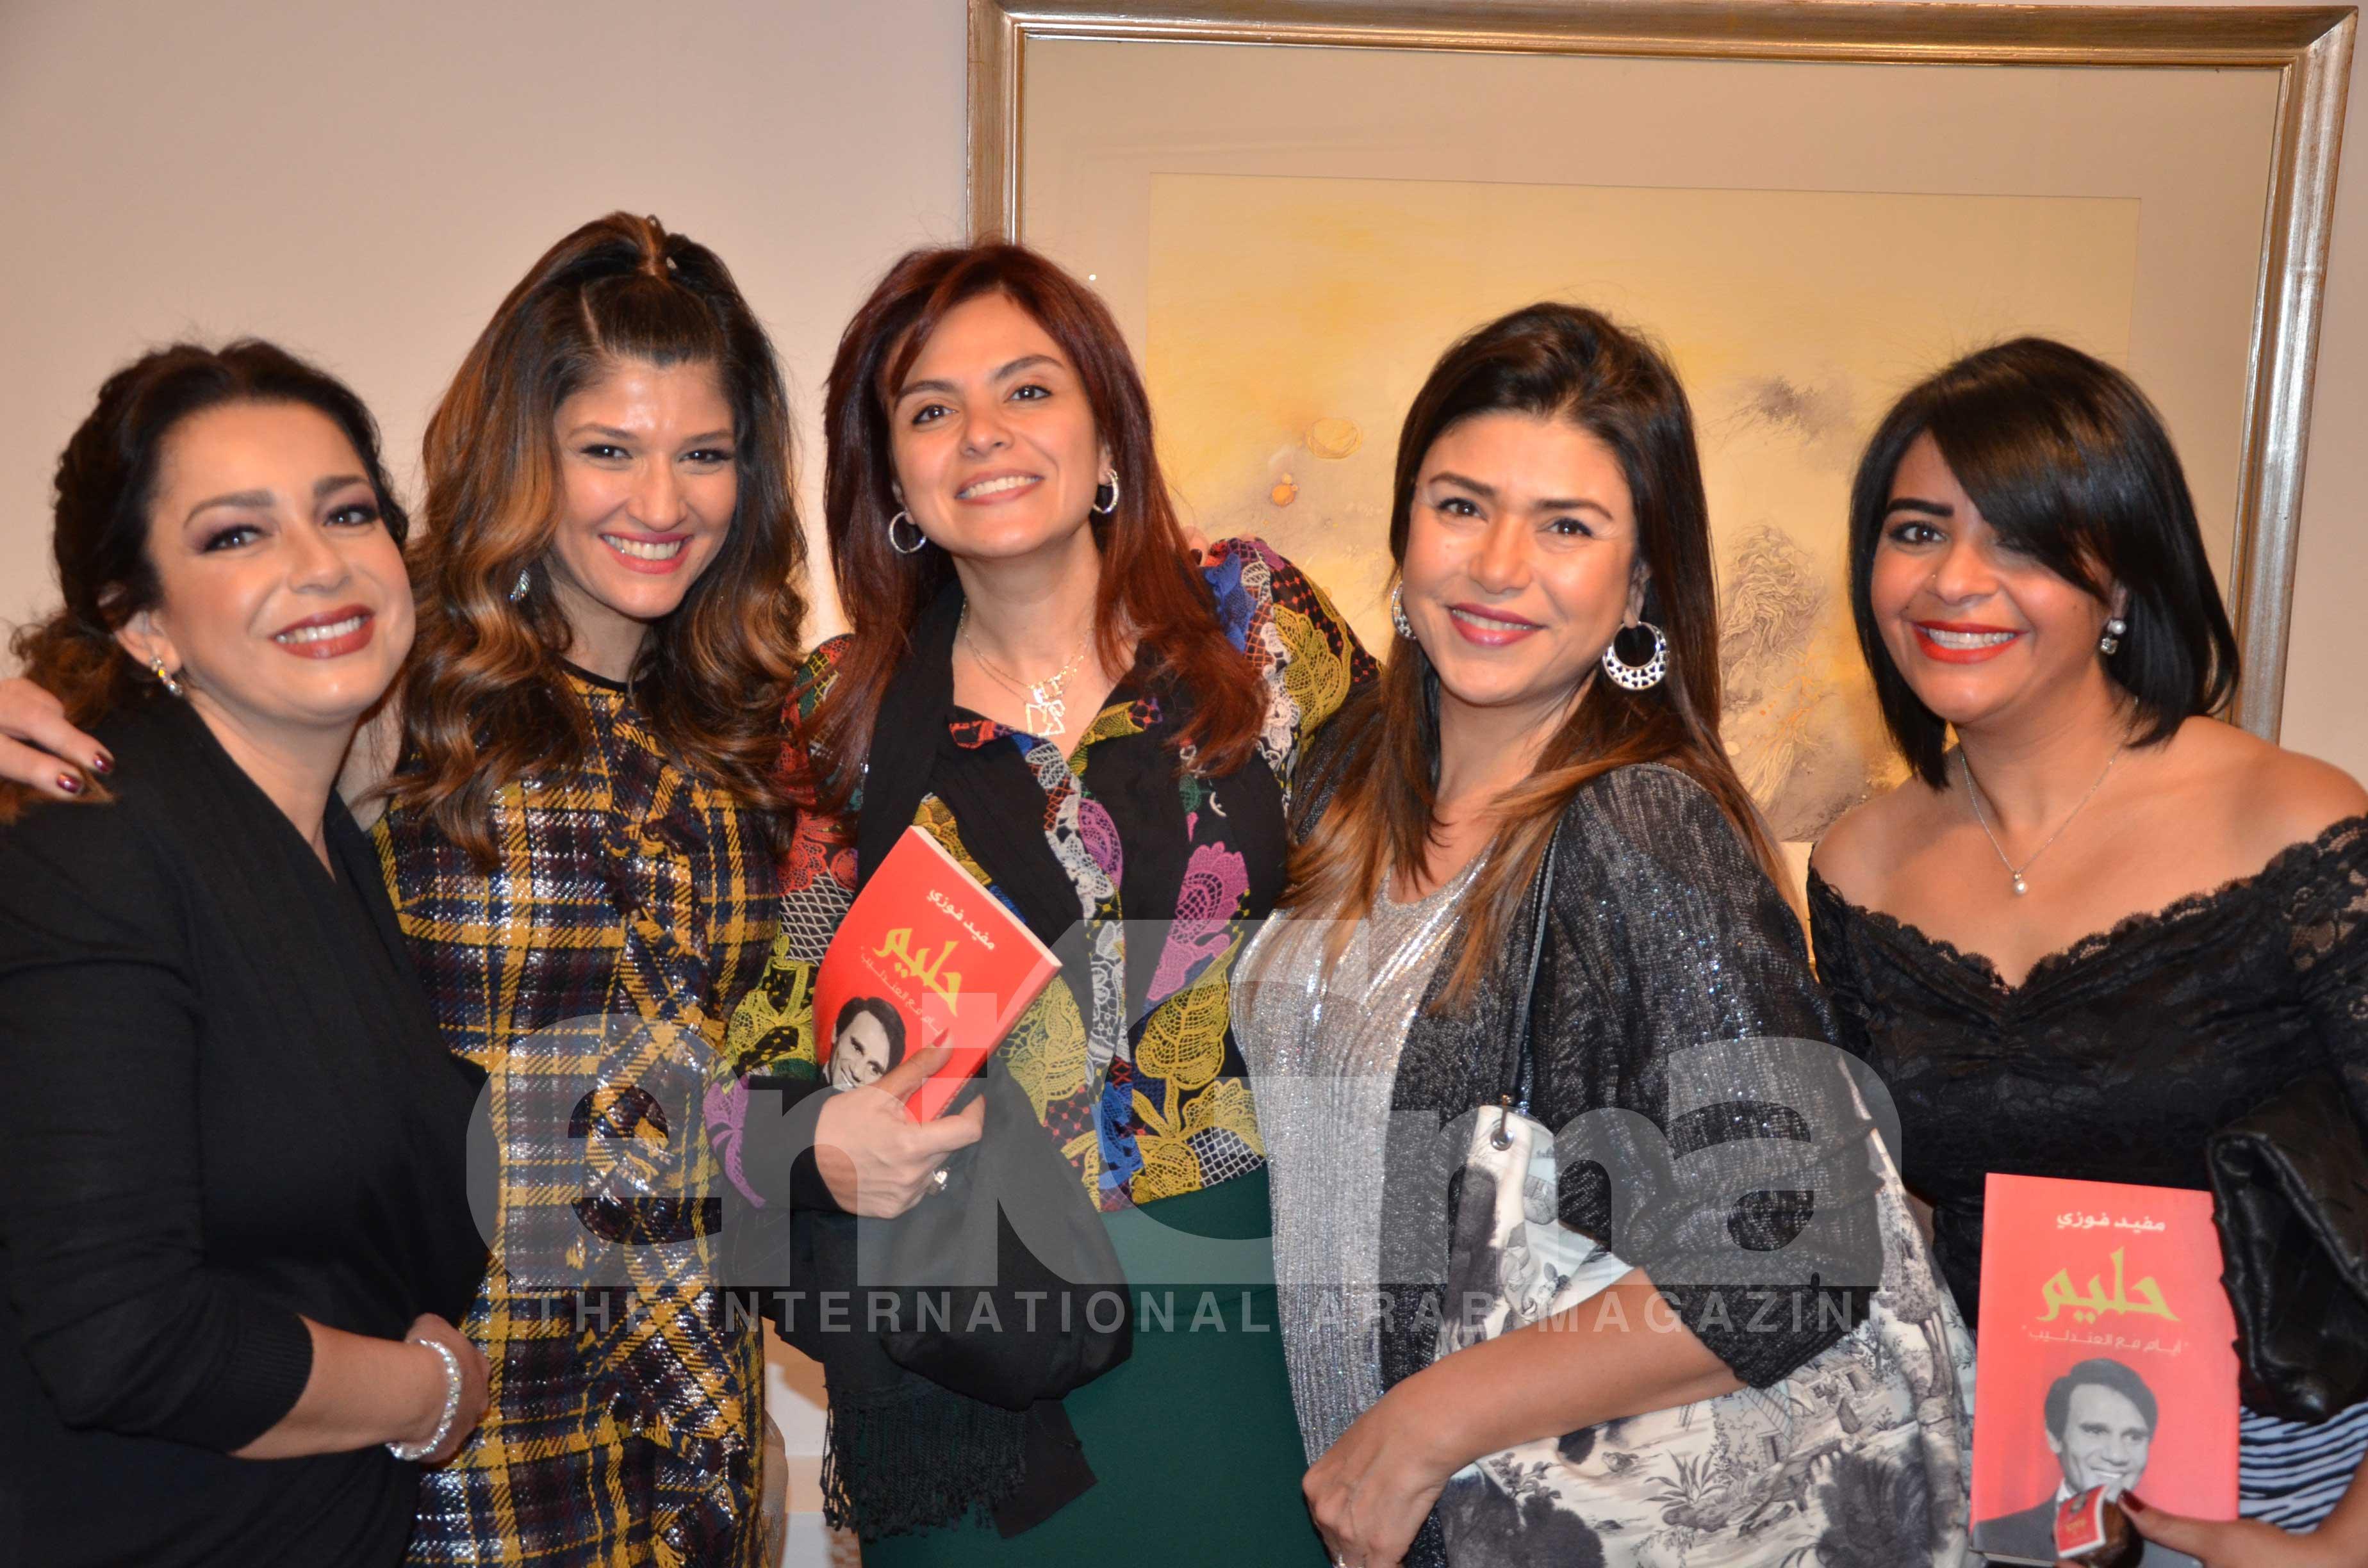 Ms. Rasha El Agroudy, Ms. Noha Abdelaziz, Ms. Hanan El Dib, Ms. Hoda El Dib & Ms. Yasmine El Kot